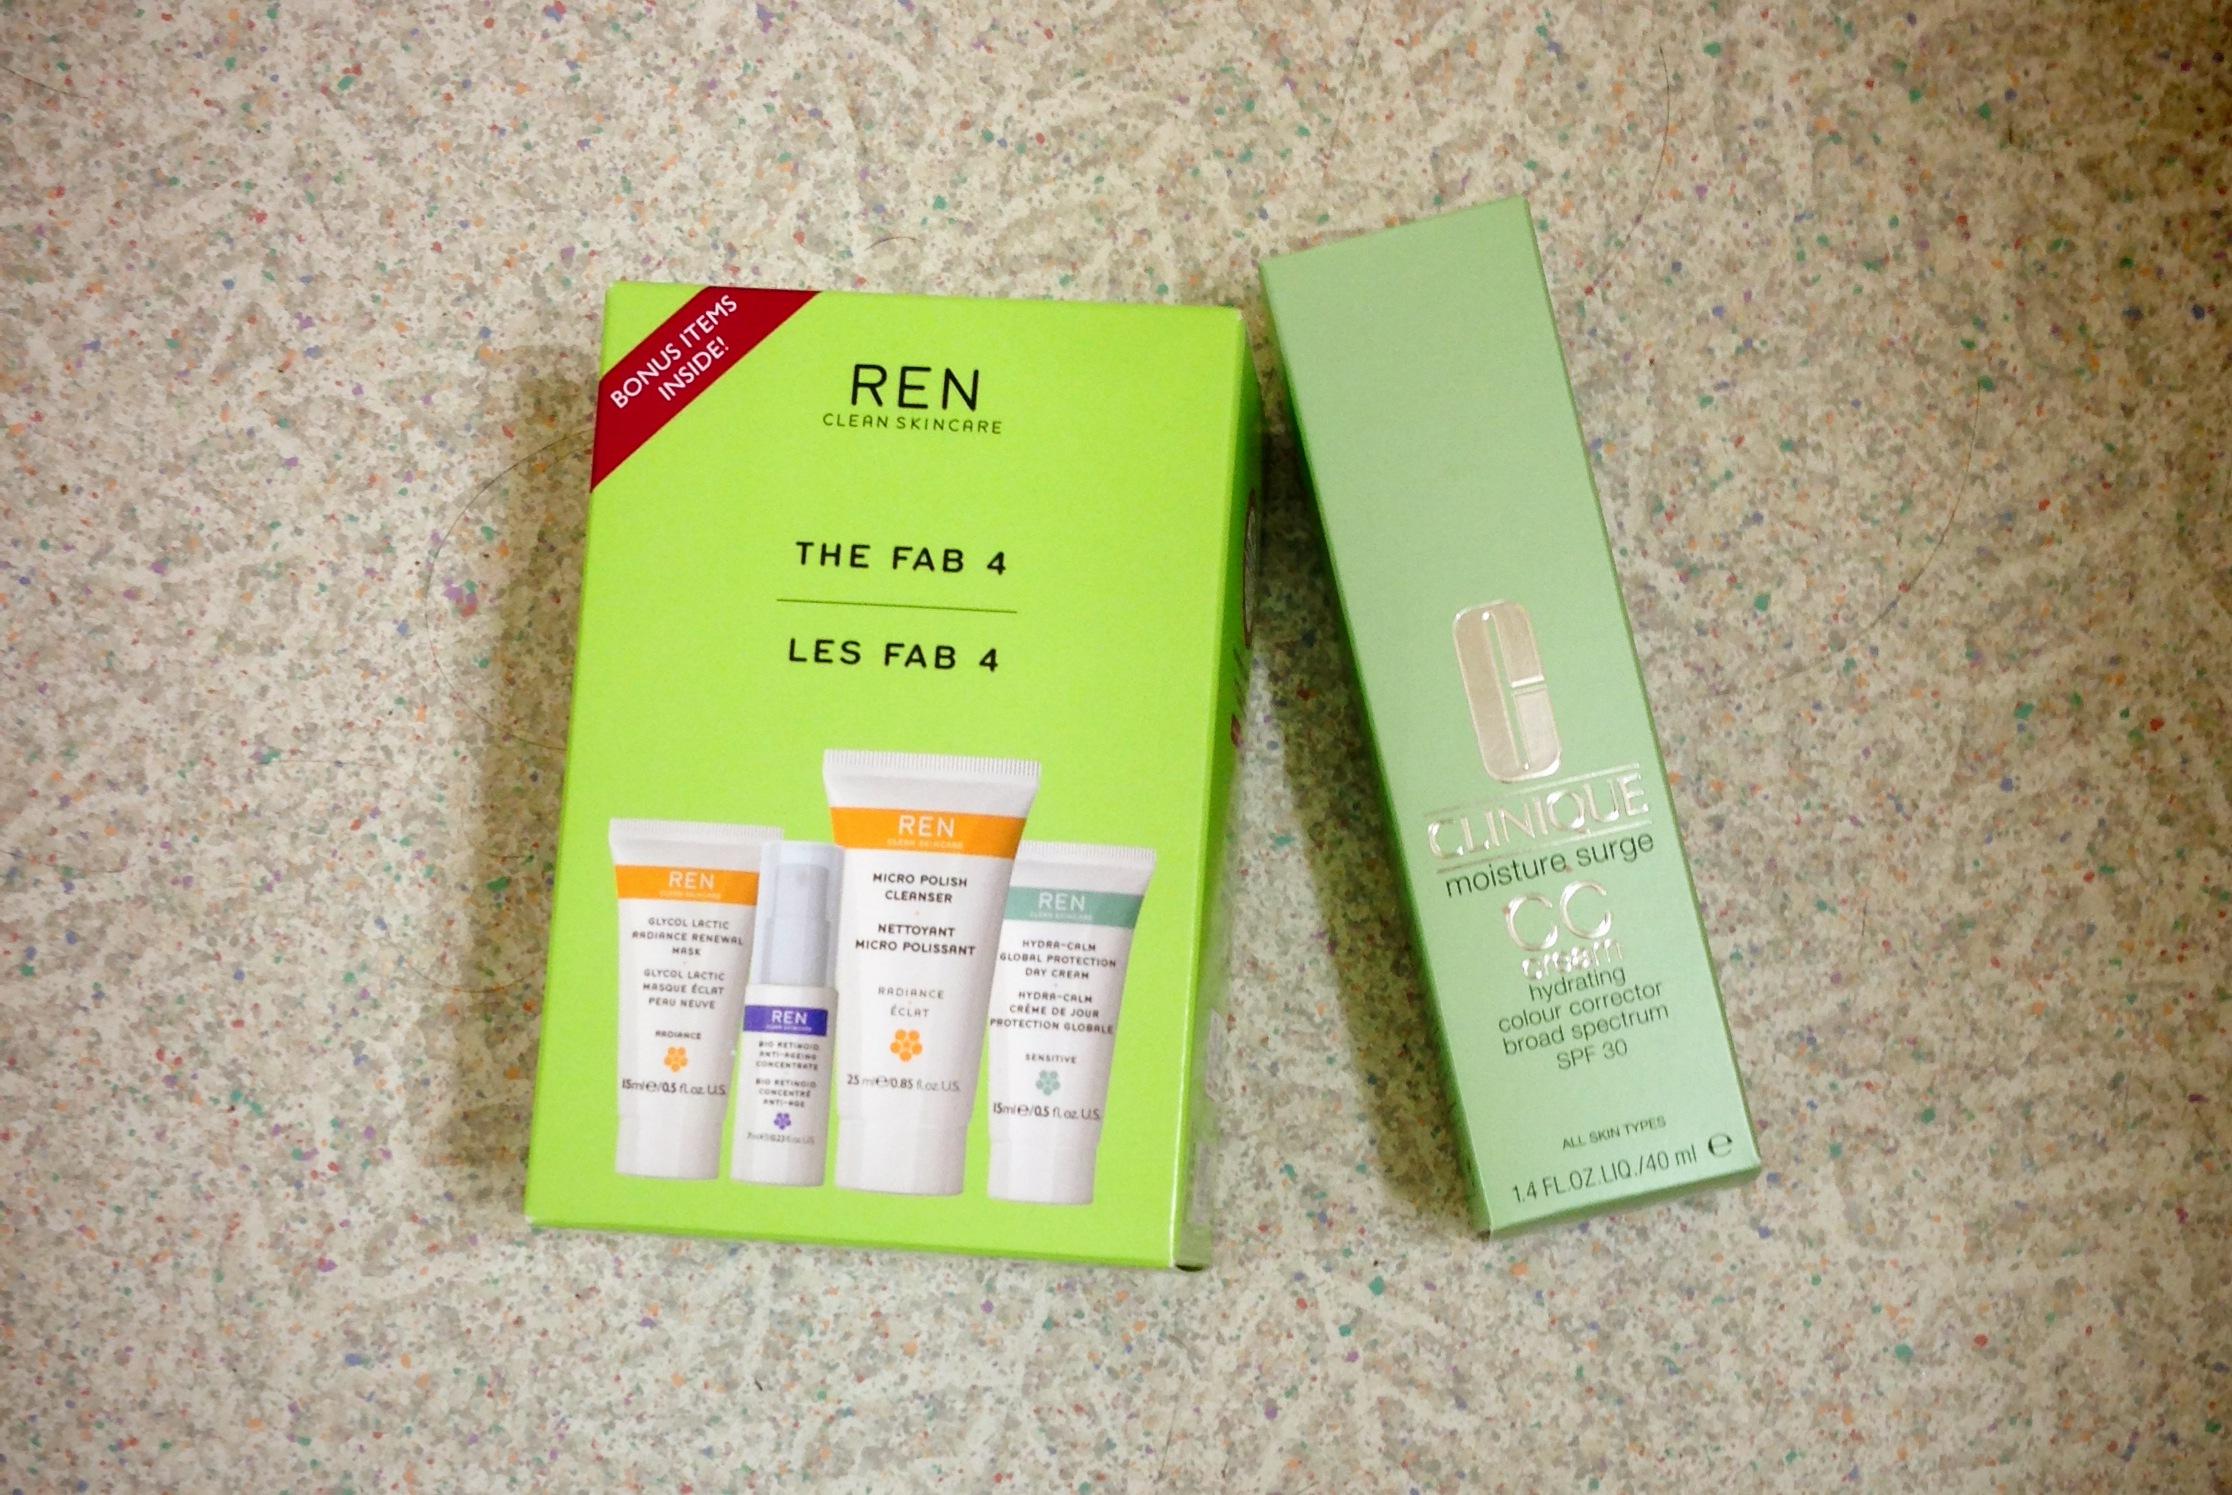 Clinique CC cream review, ren fab 4 kit review, ren glycolactic radiance peel review, ren skincare review